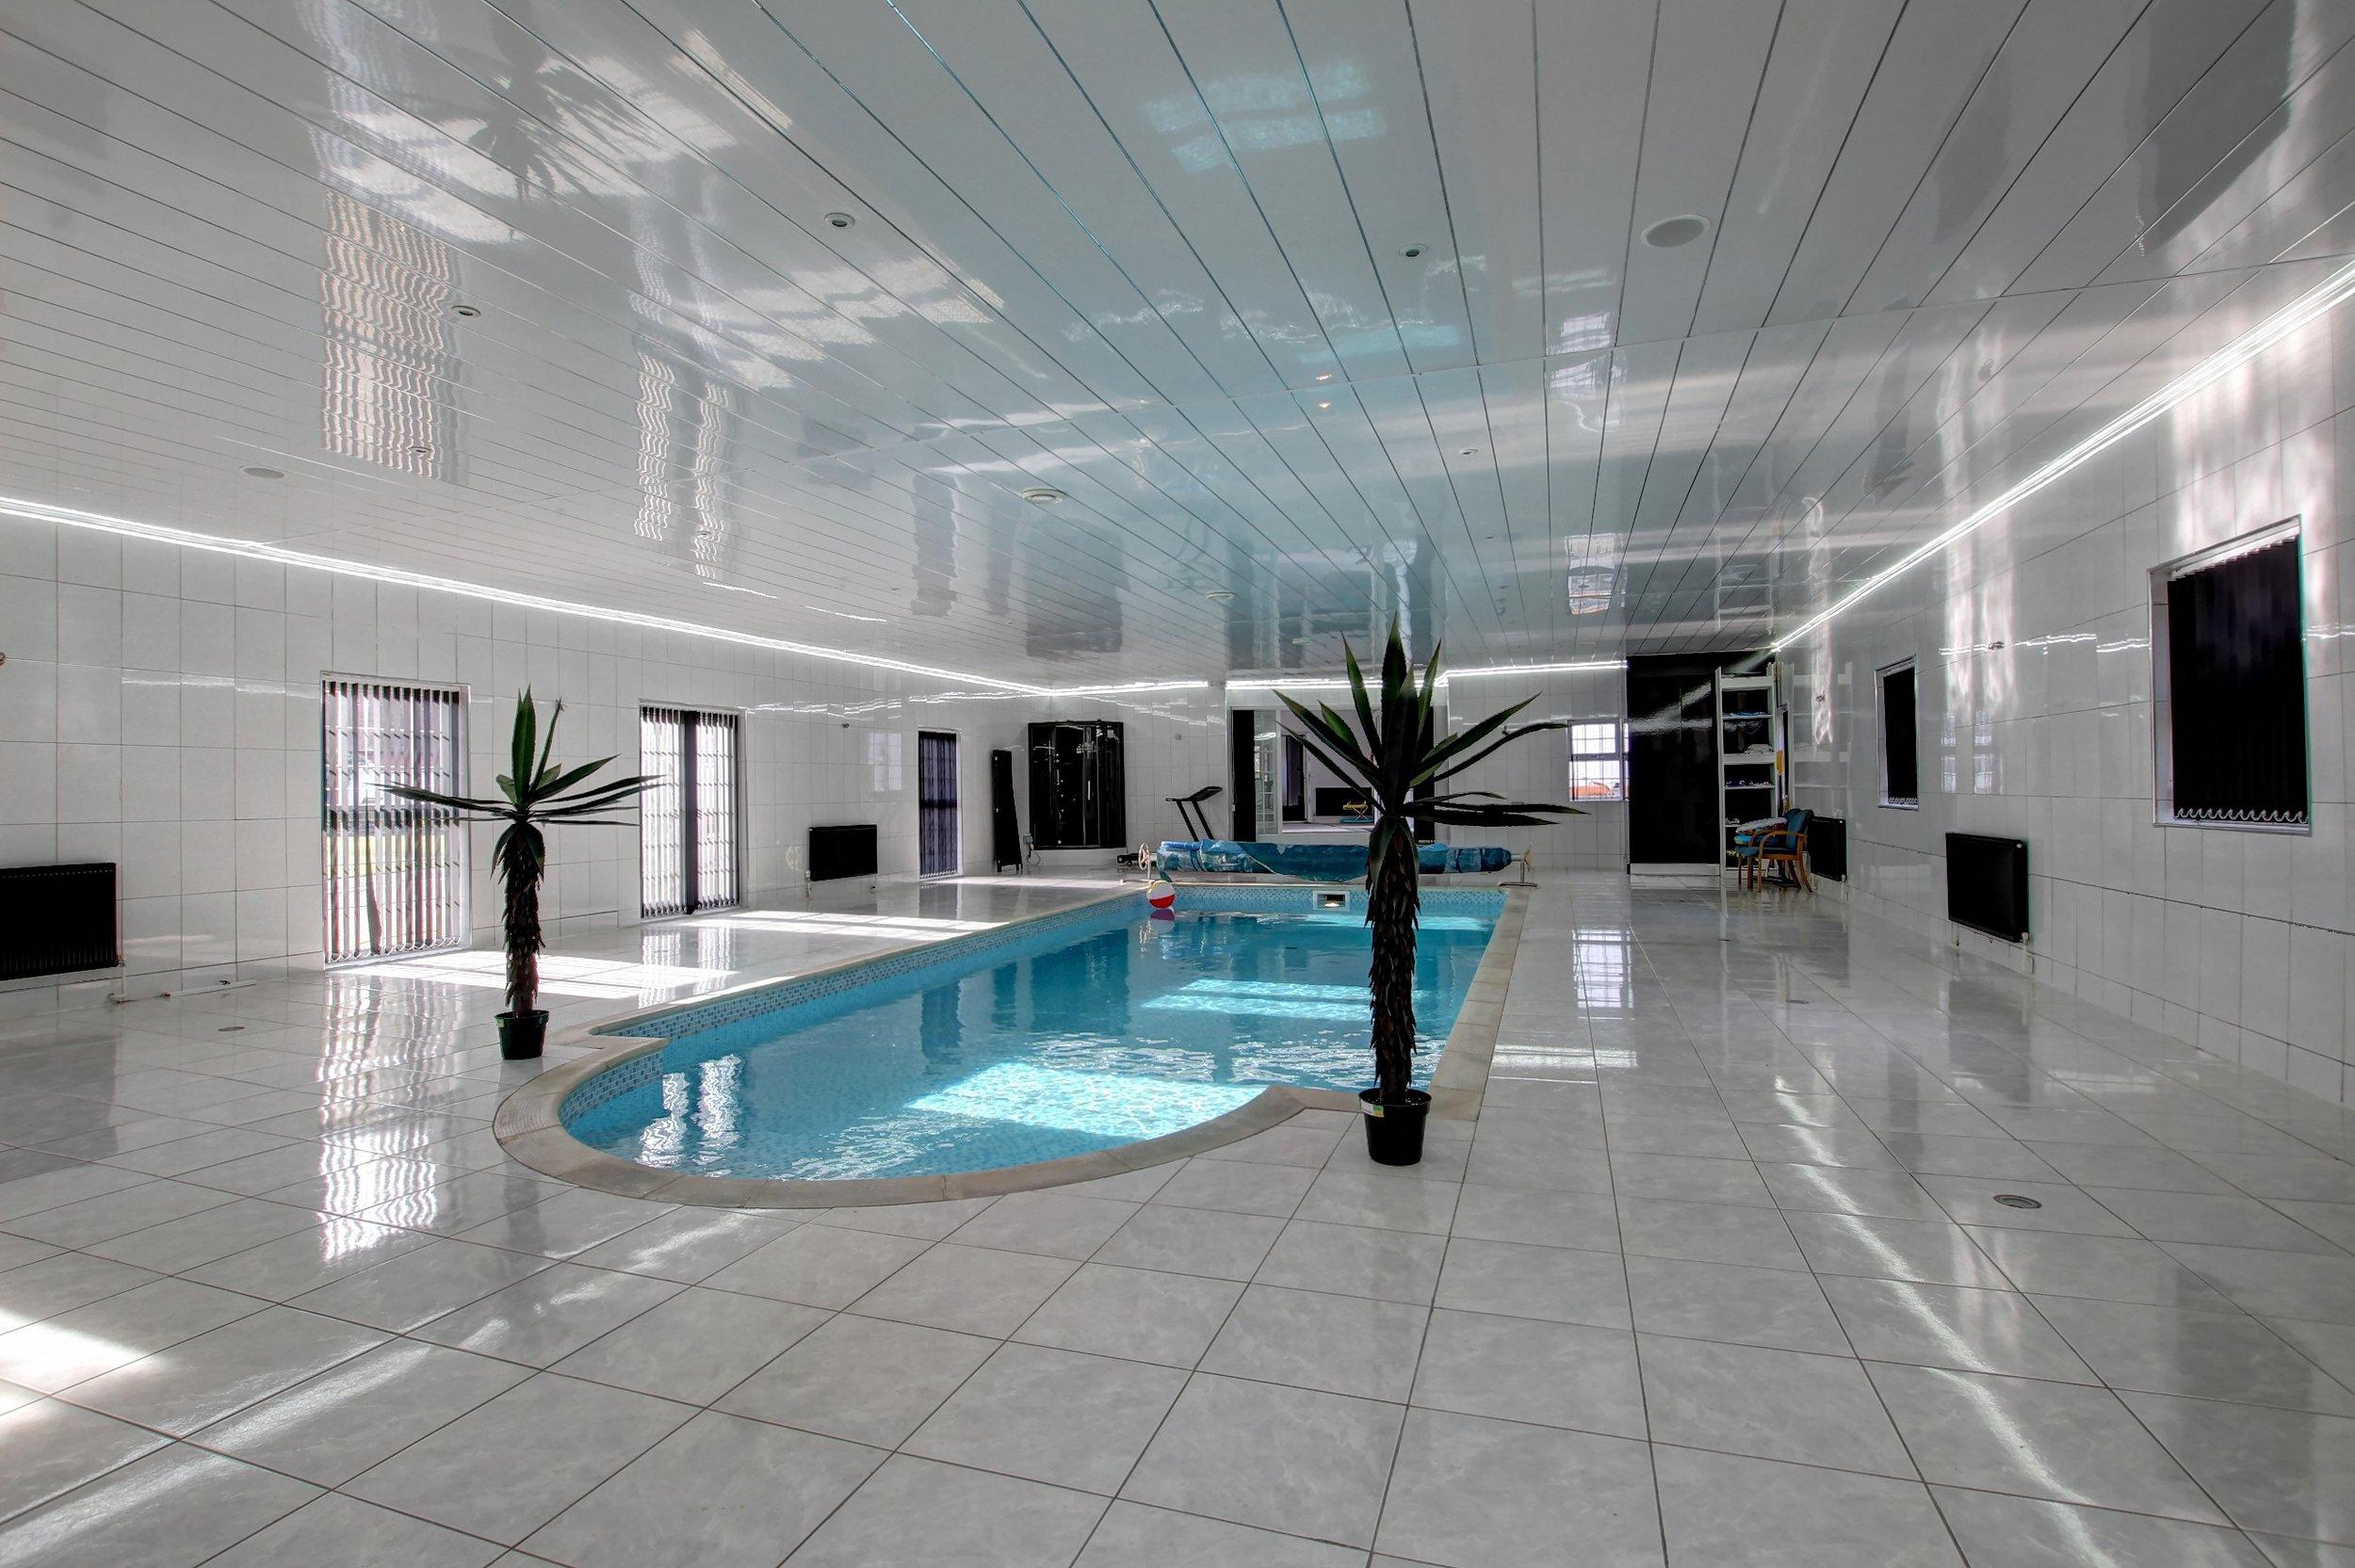 33 pool i.jpg